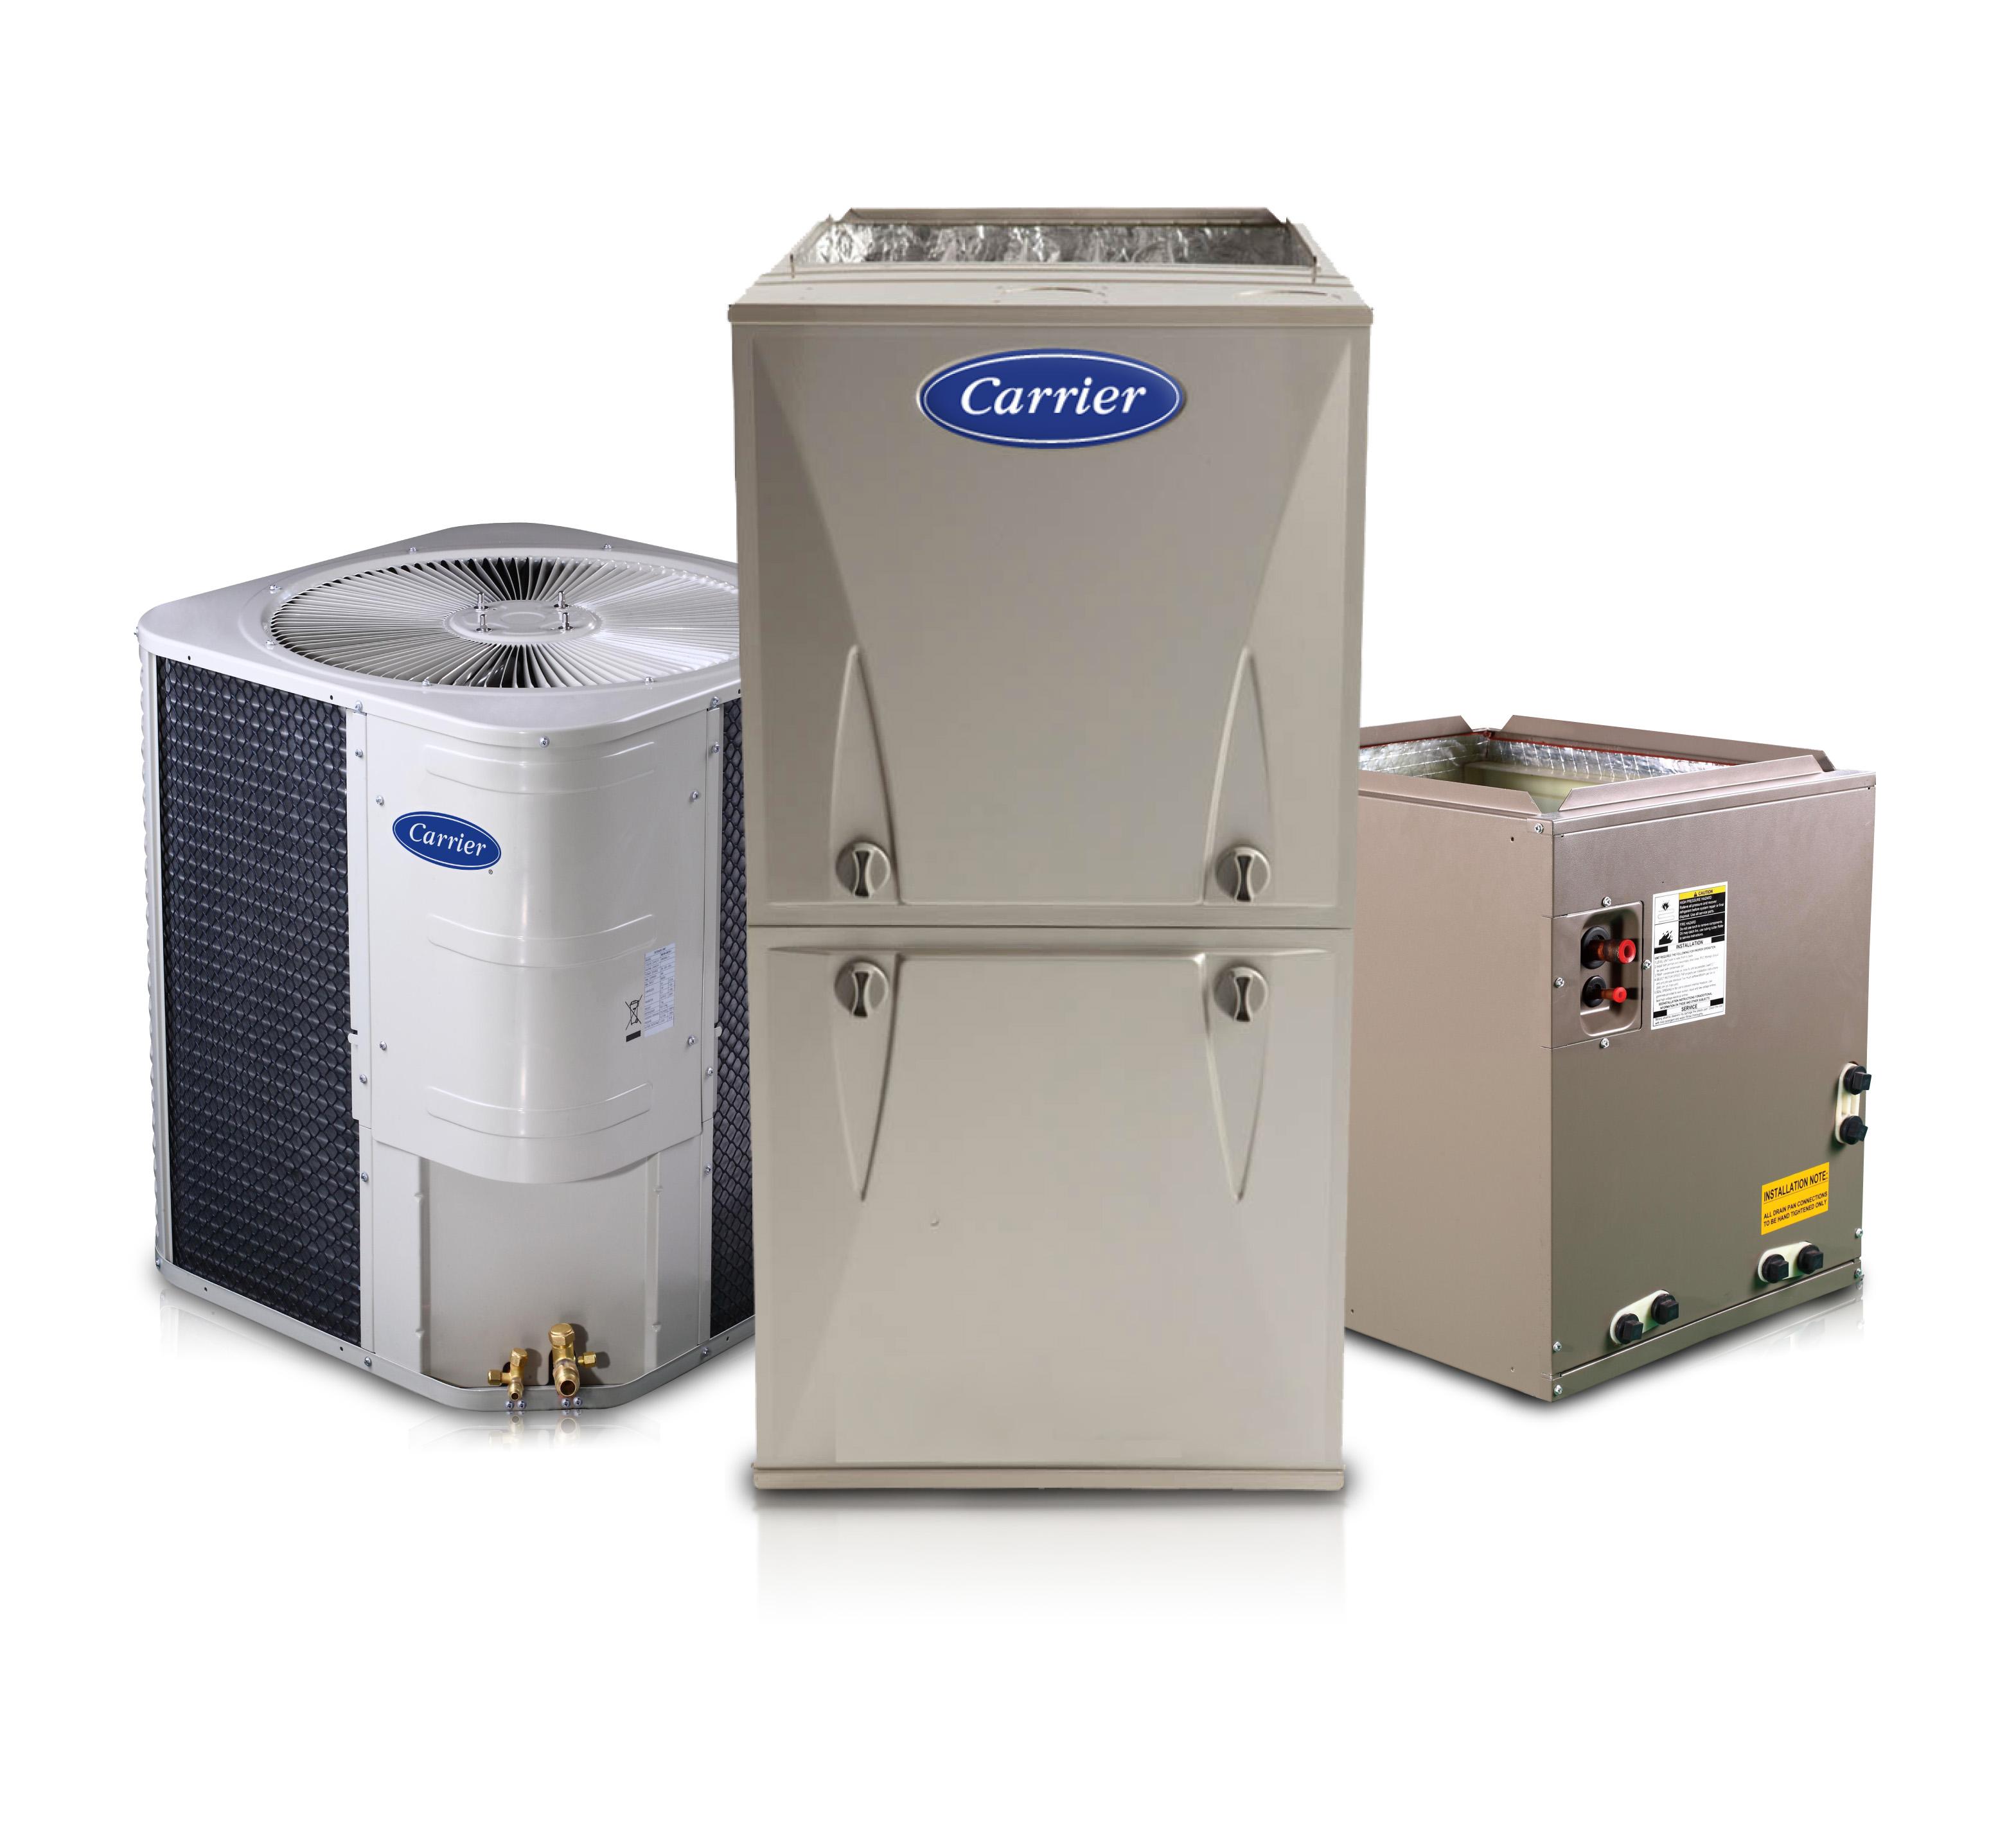 Carrier conductos sistema de aire acondicionado - Aire acondicionado humidificador ...